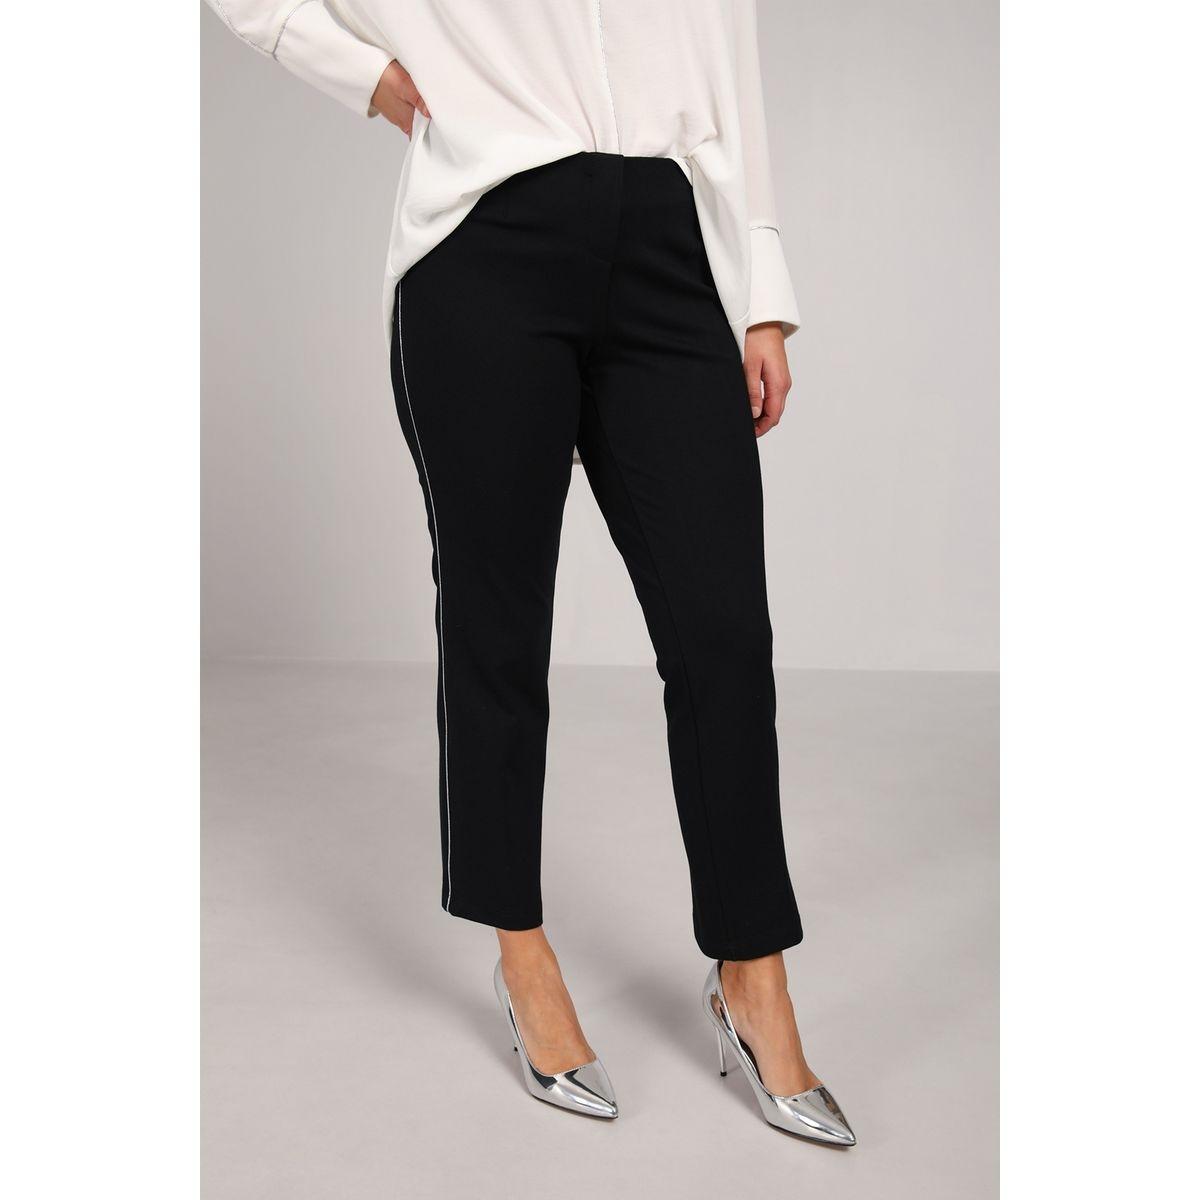 Pantalon droit avec bande argent